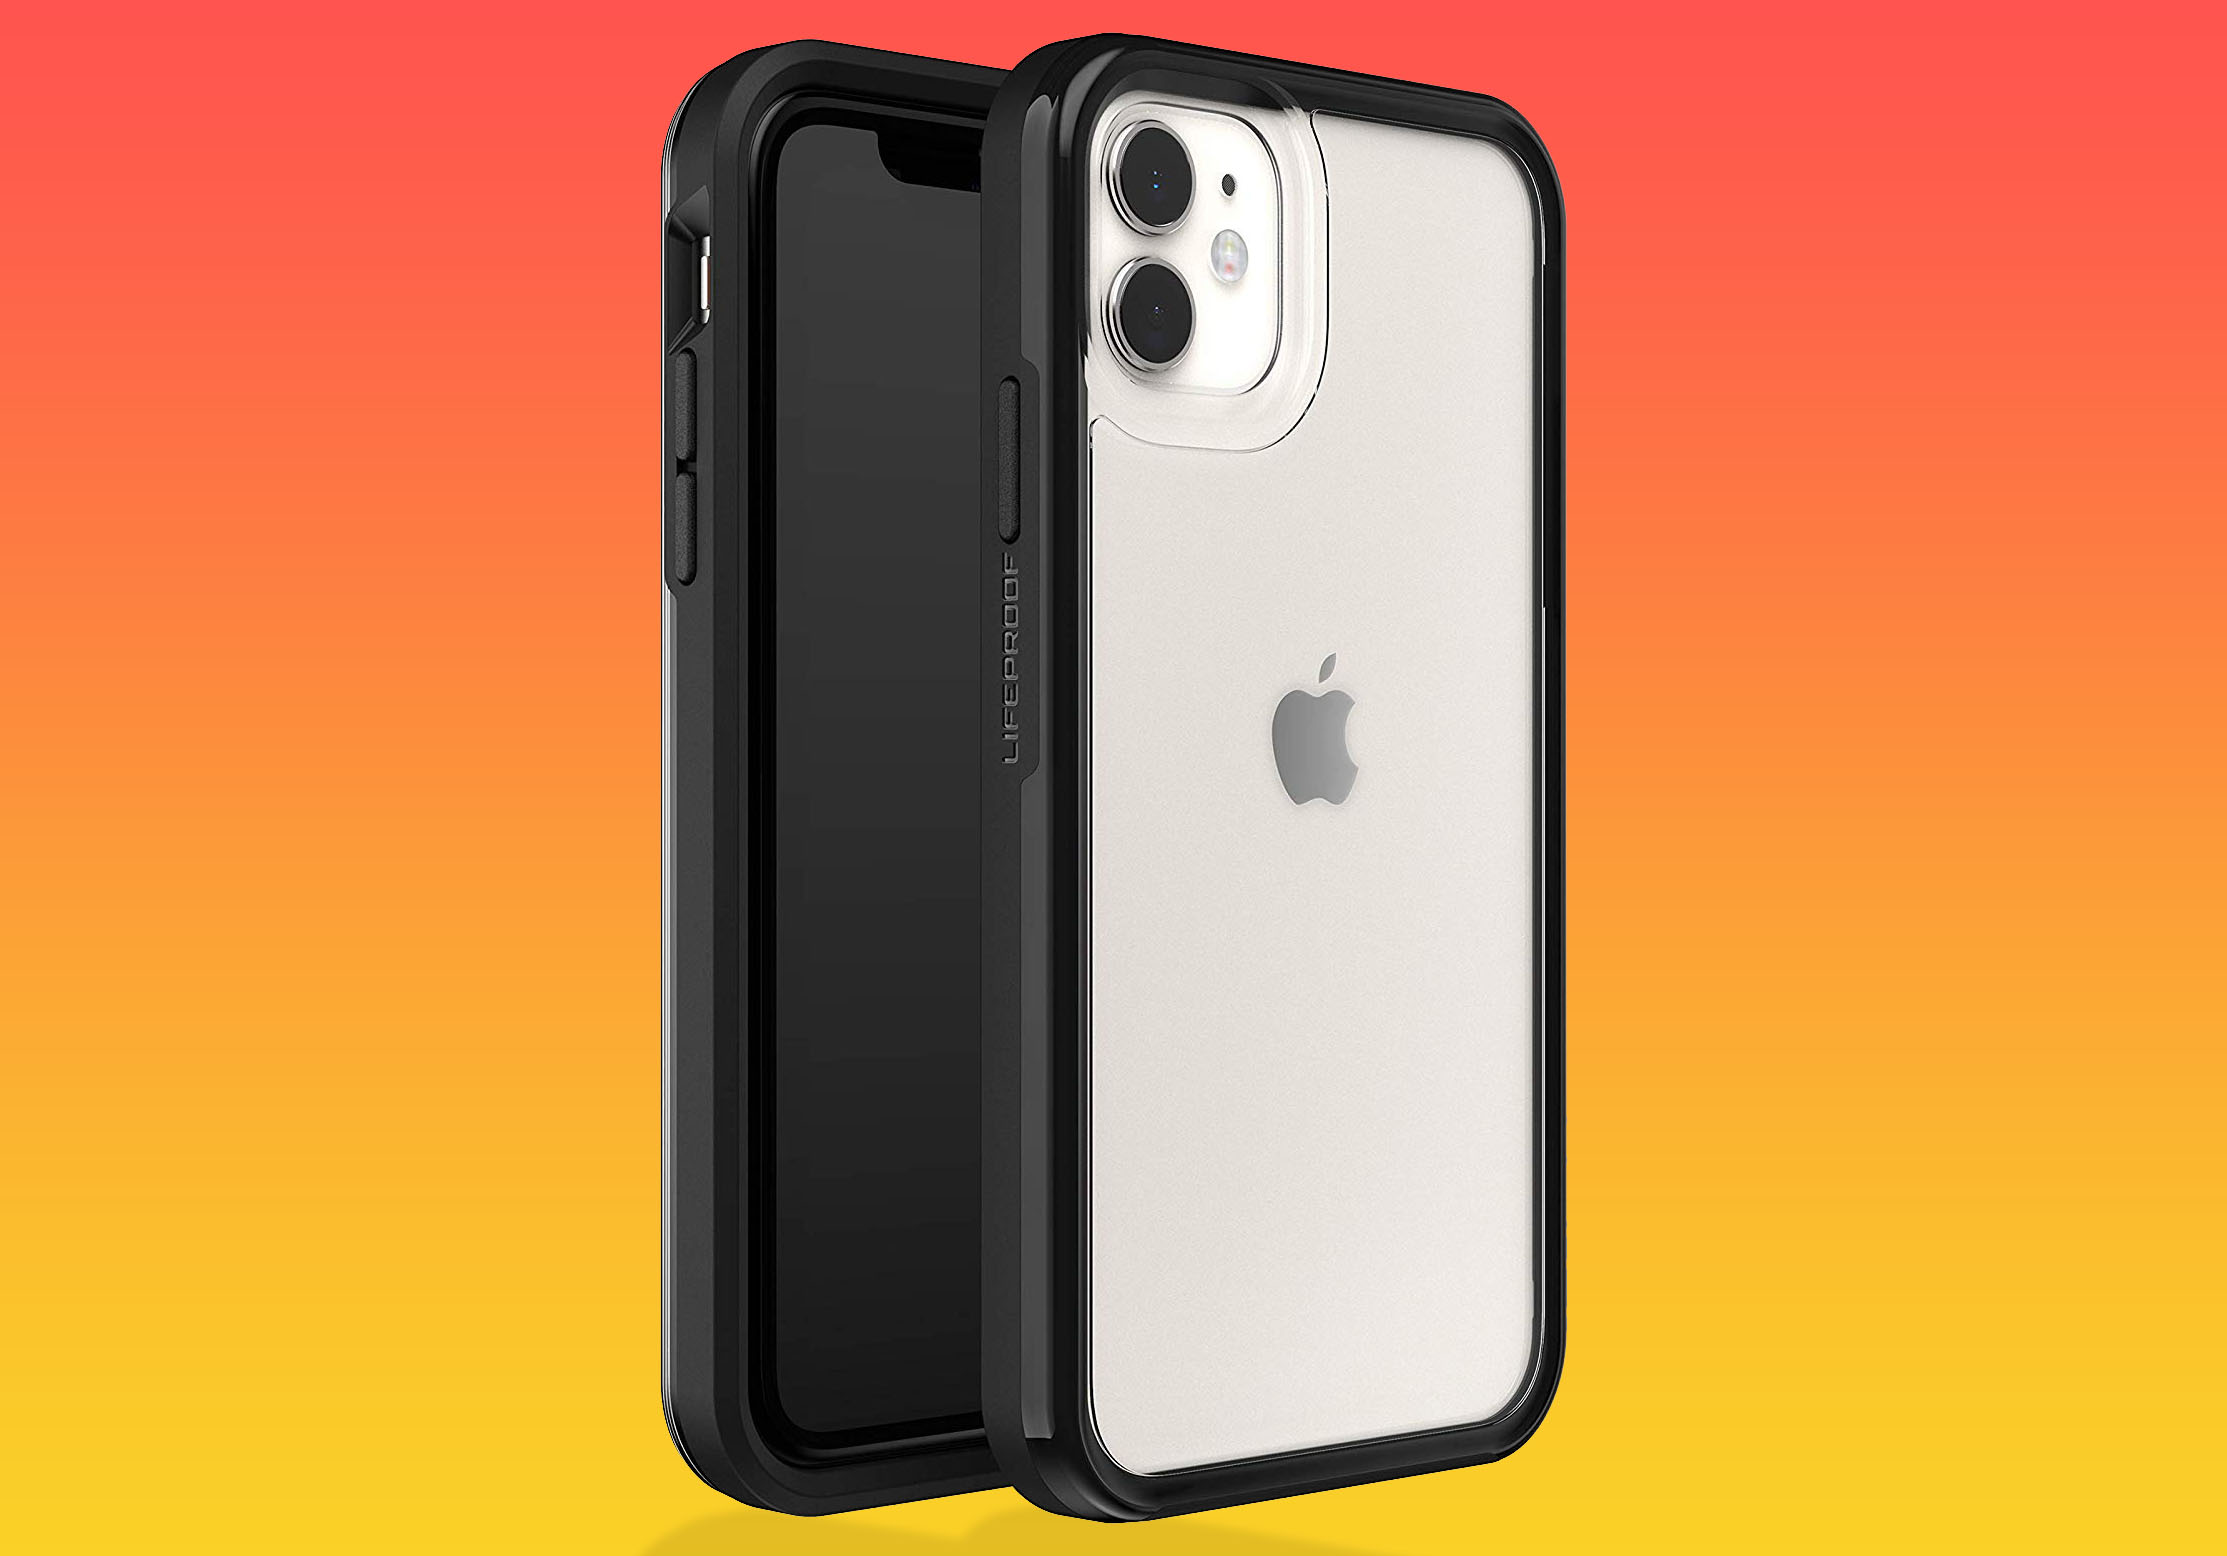 Las 7 mejores carcasas y fundas para proteger tu iPhone 11